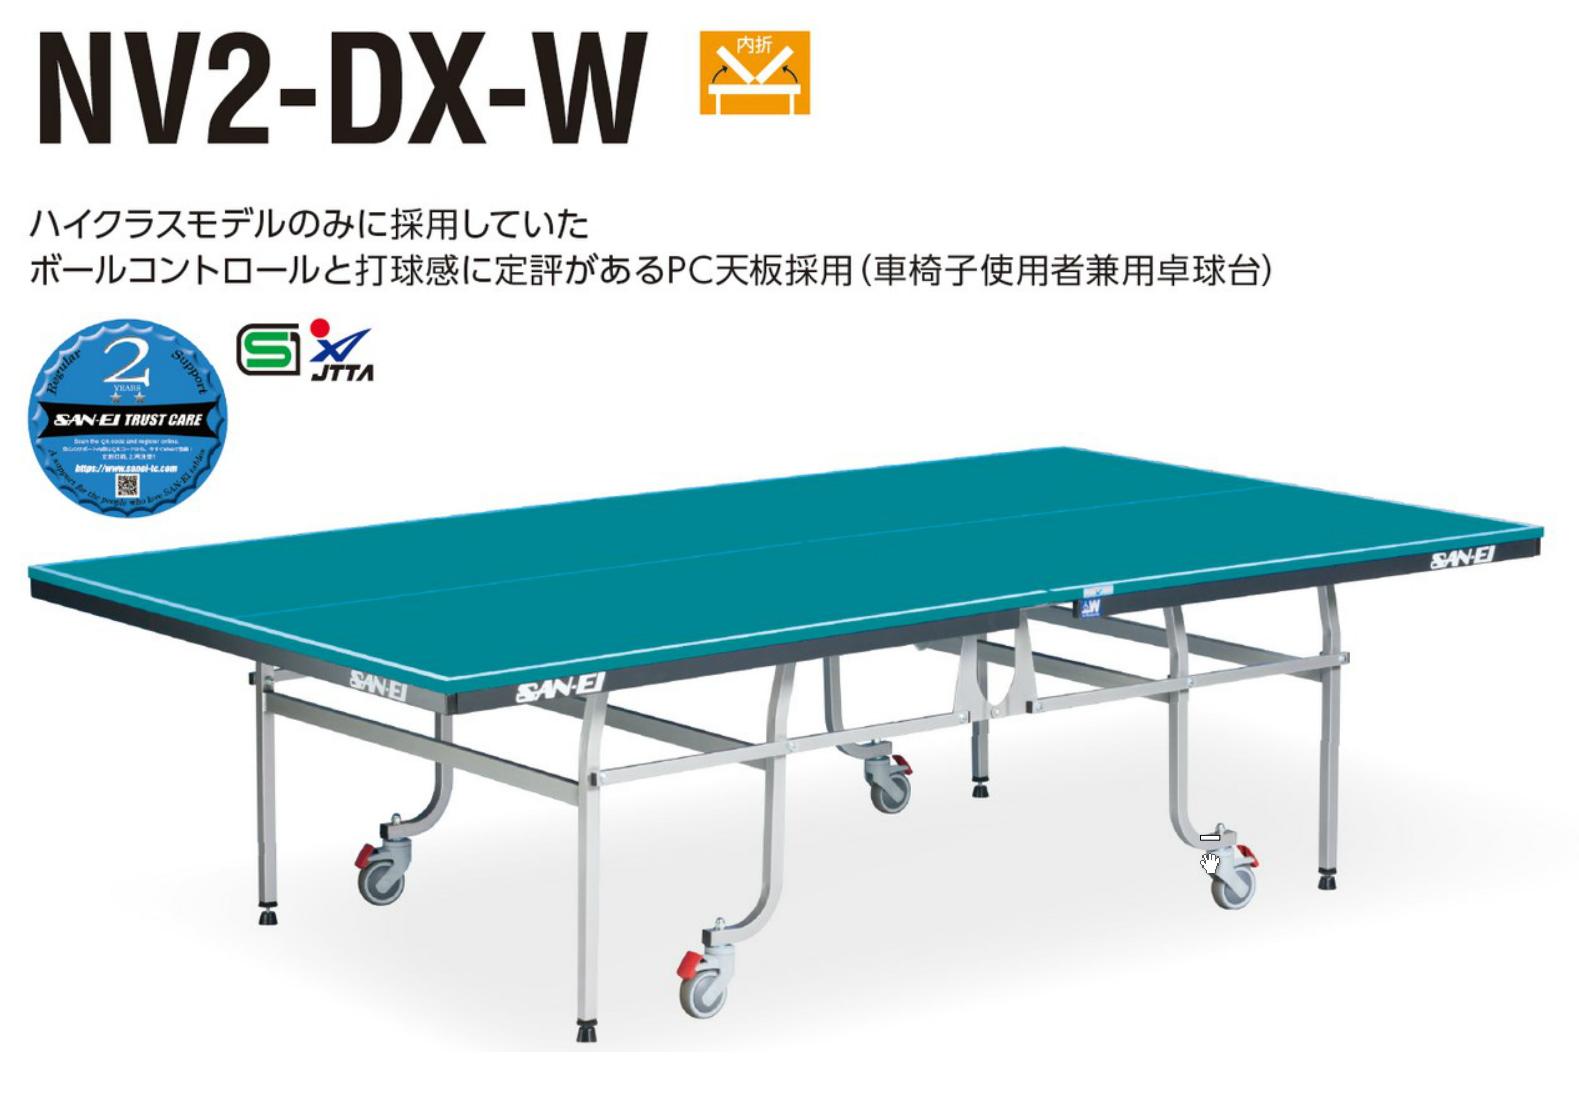 サンエイ三英SANEI国際規格卓球台「内折卓球台 NV2-DX-W」(レジェブルー)13-459